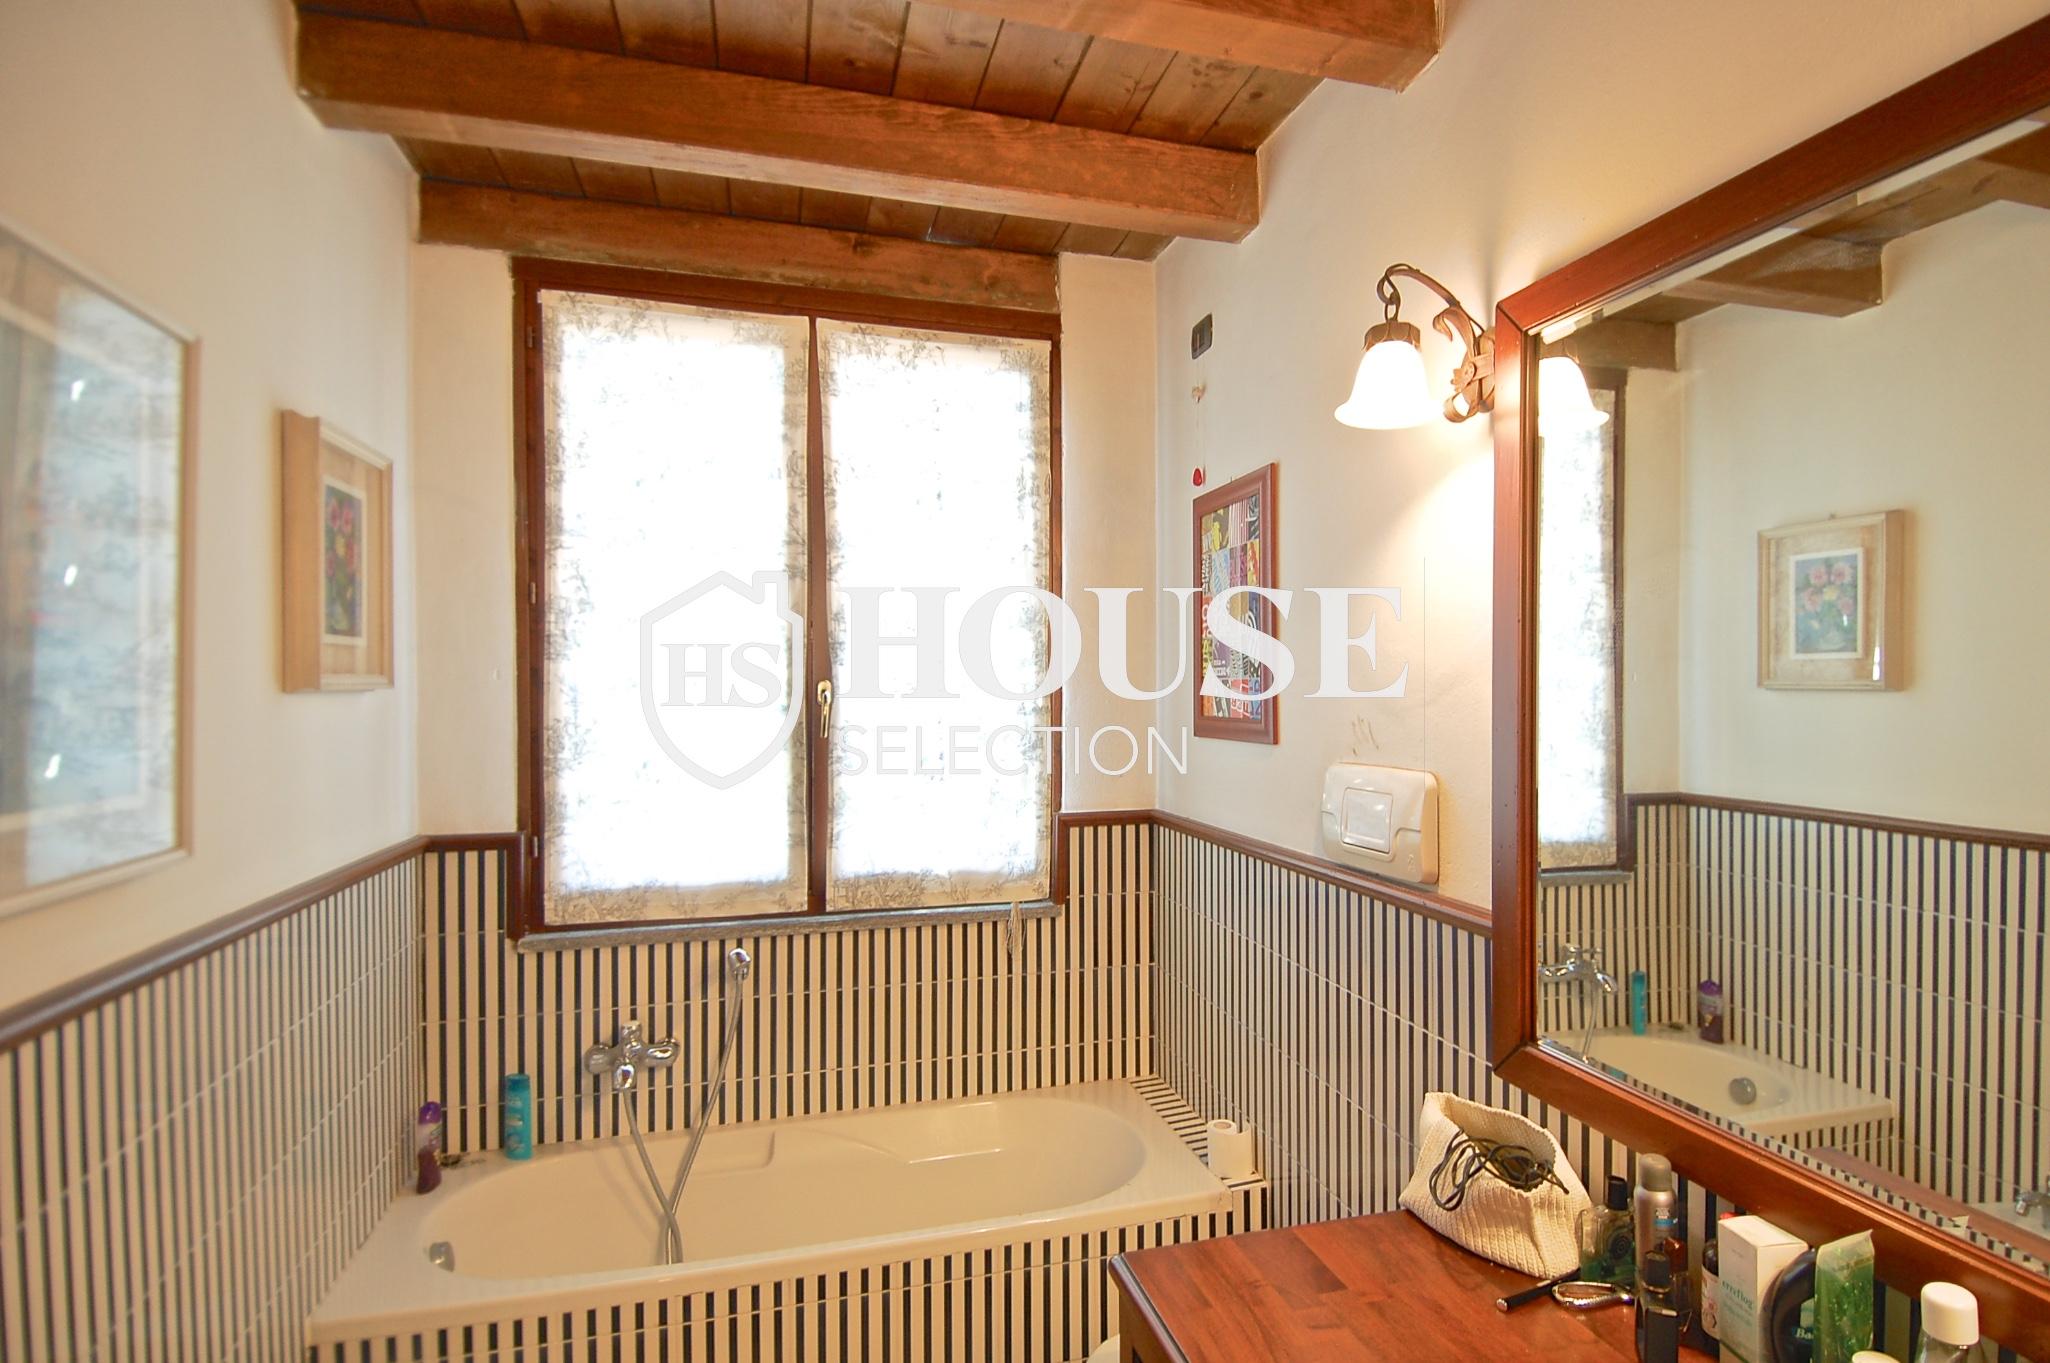 Affitto villa Basiglio, con giardino, ristrutturata, aria condizionata, corte interna, box auto, Milano 6